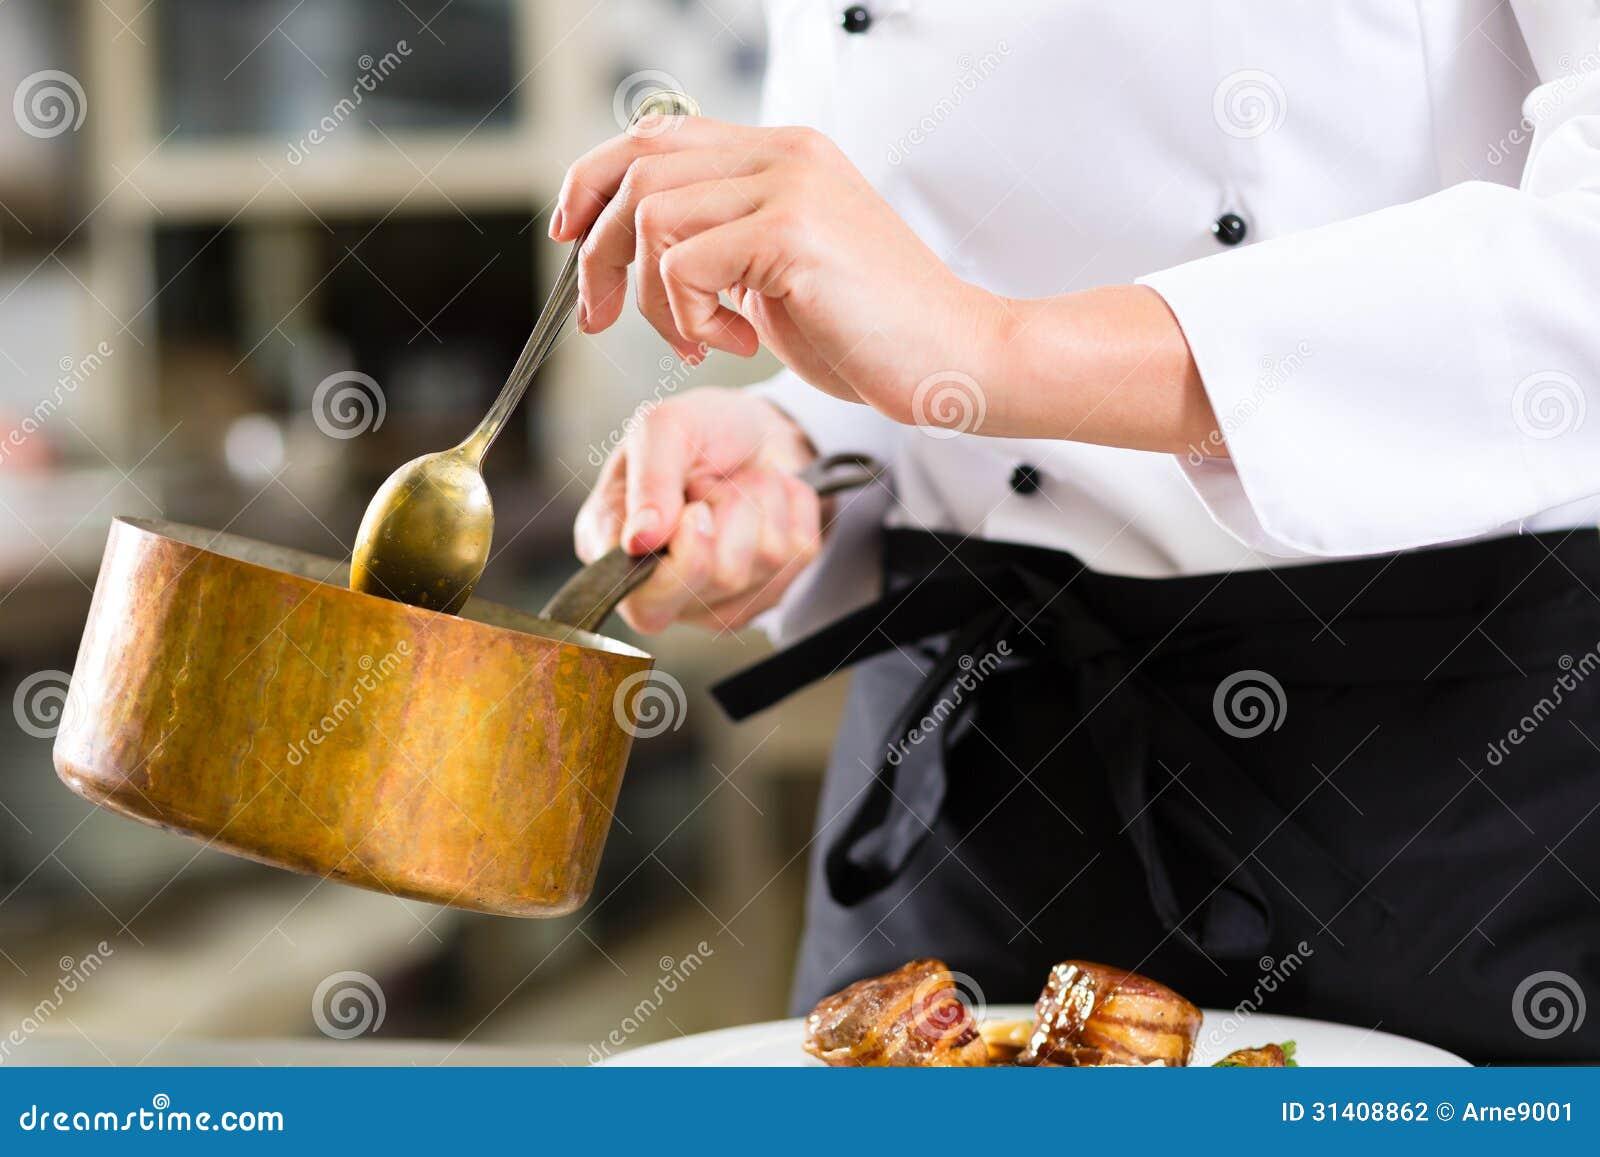 Restaurant Kitchen Photography female chef in restaurant kitchen cooking stock photography